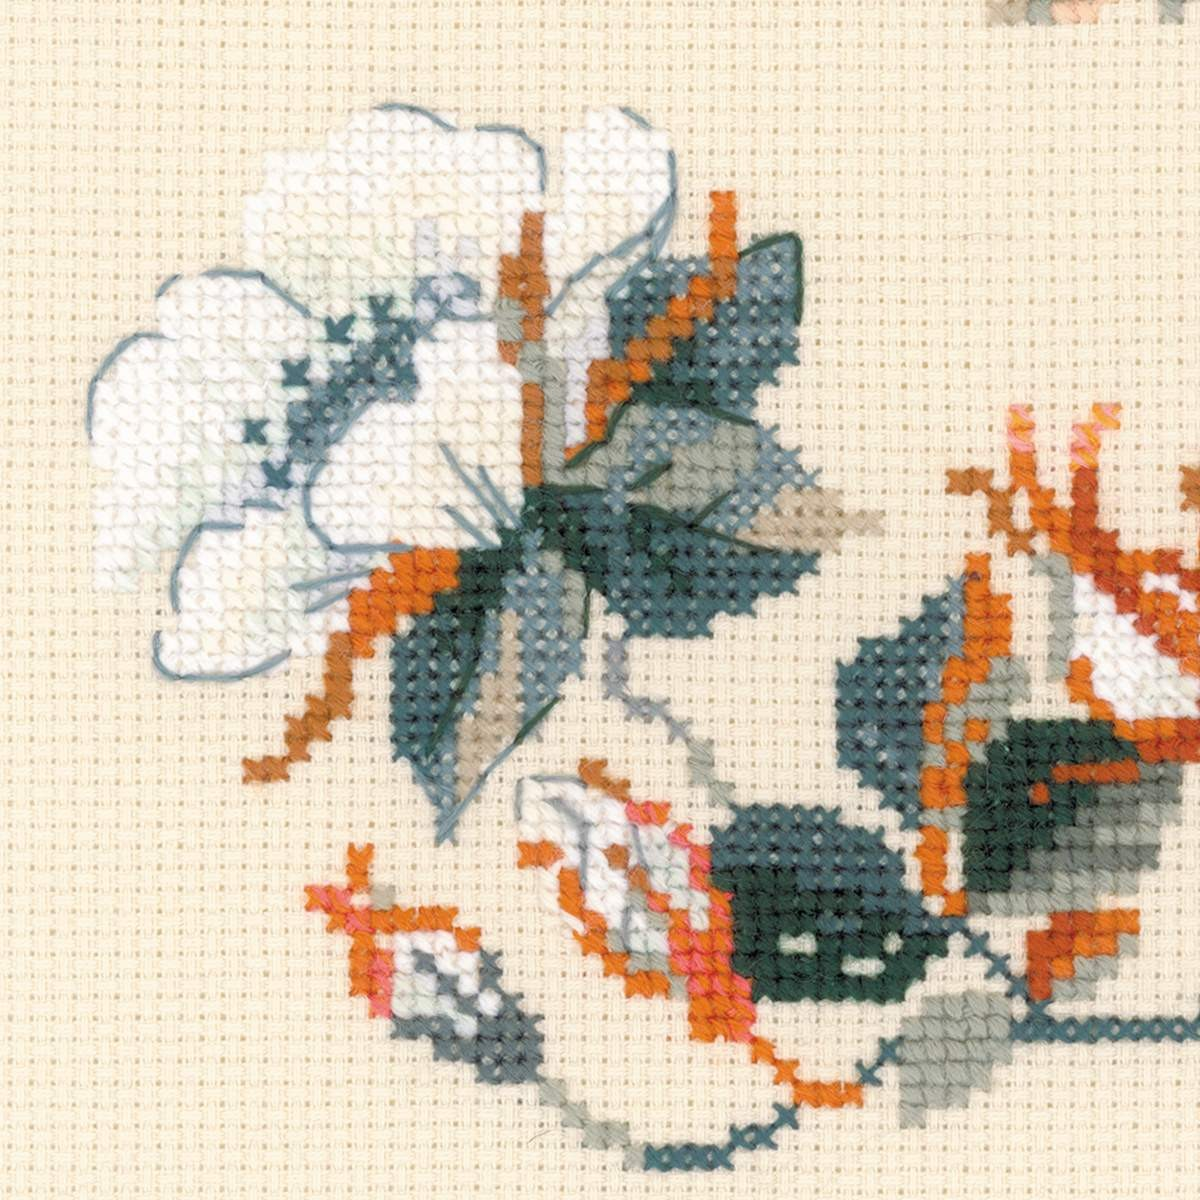 Вышивка крестиком фирма риолис